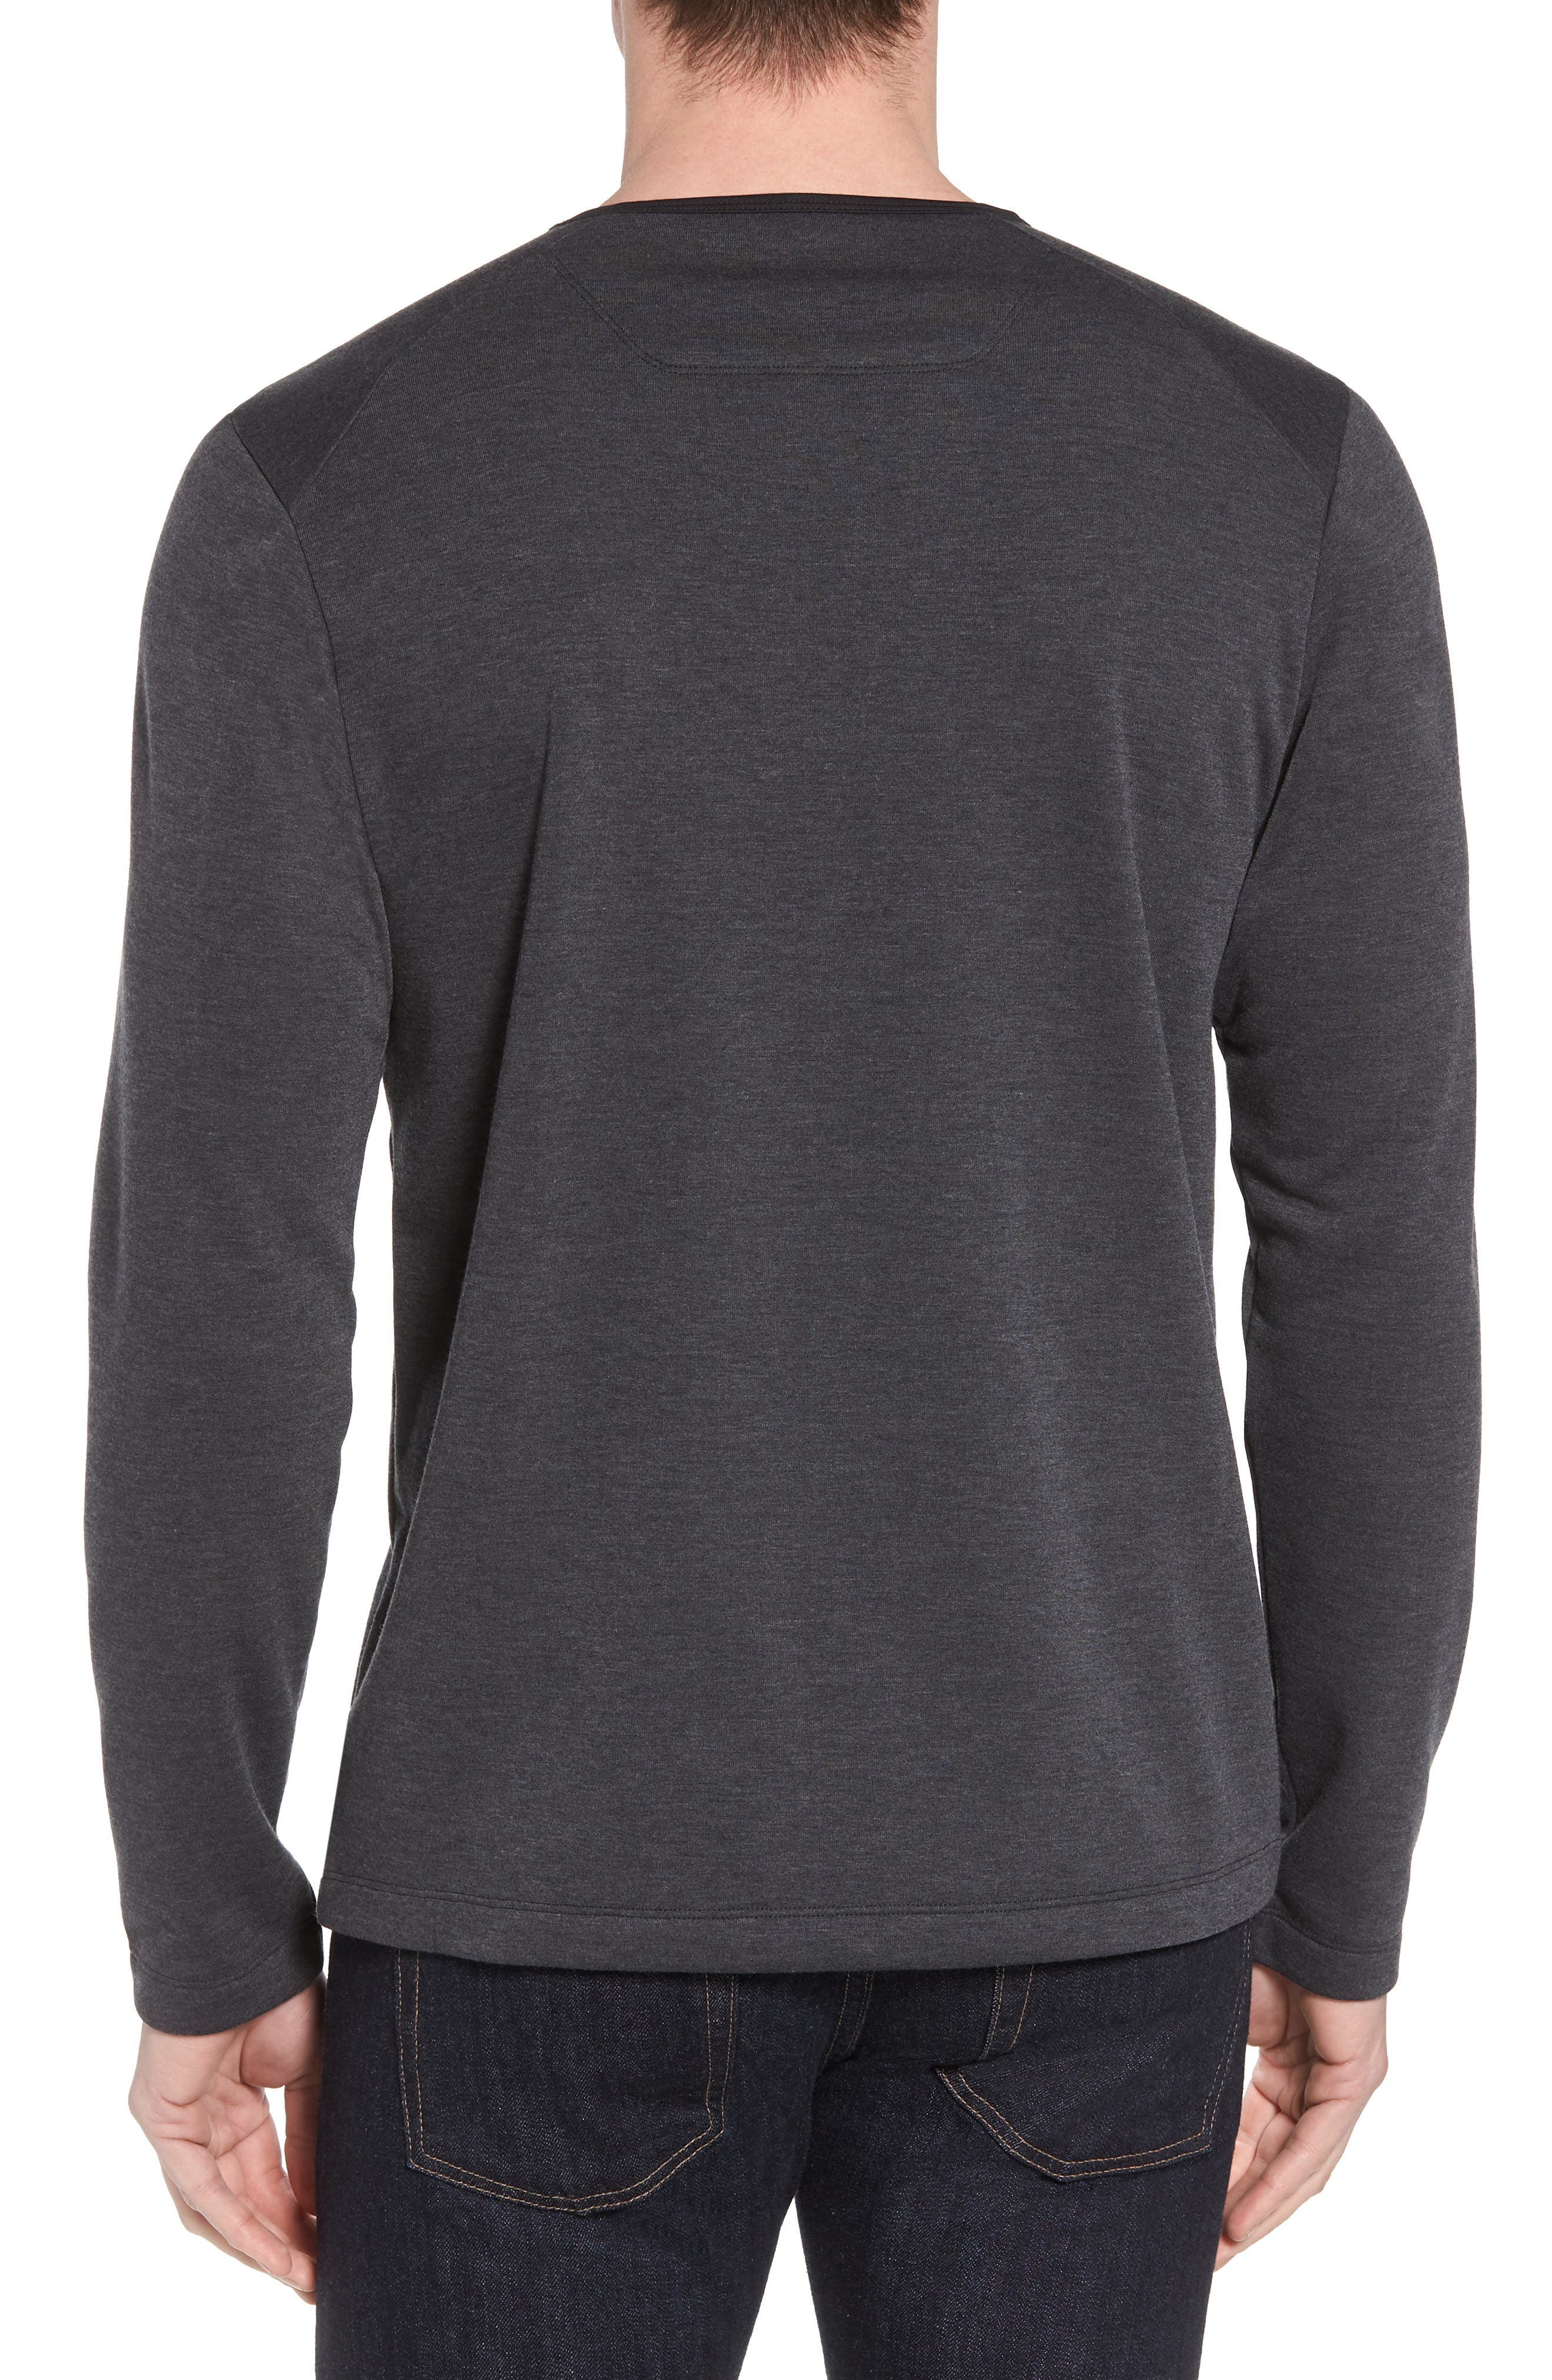 Dallen Sweatshirt,                             Alternate thumbnail 2, color,                             Pilot